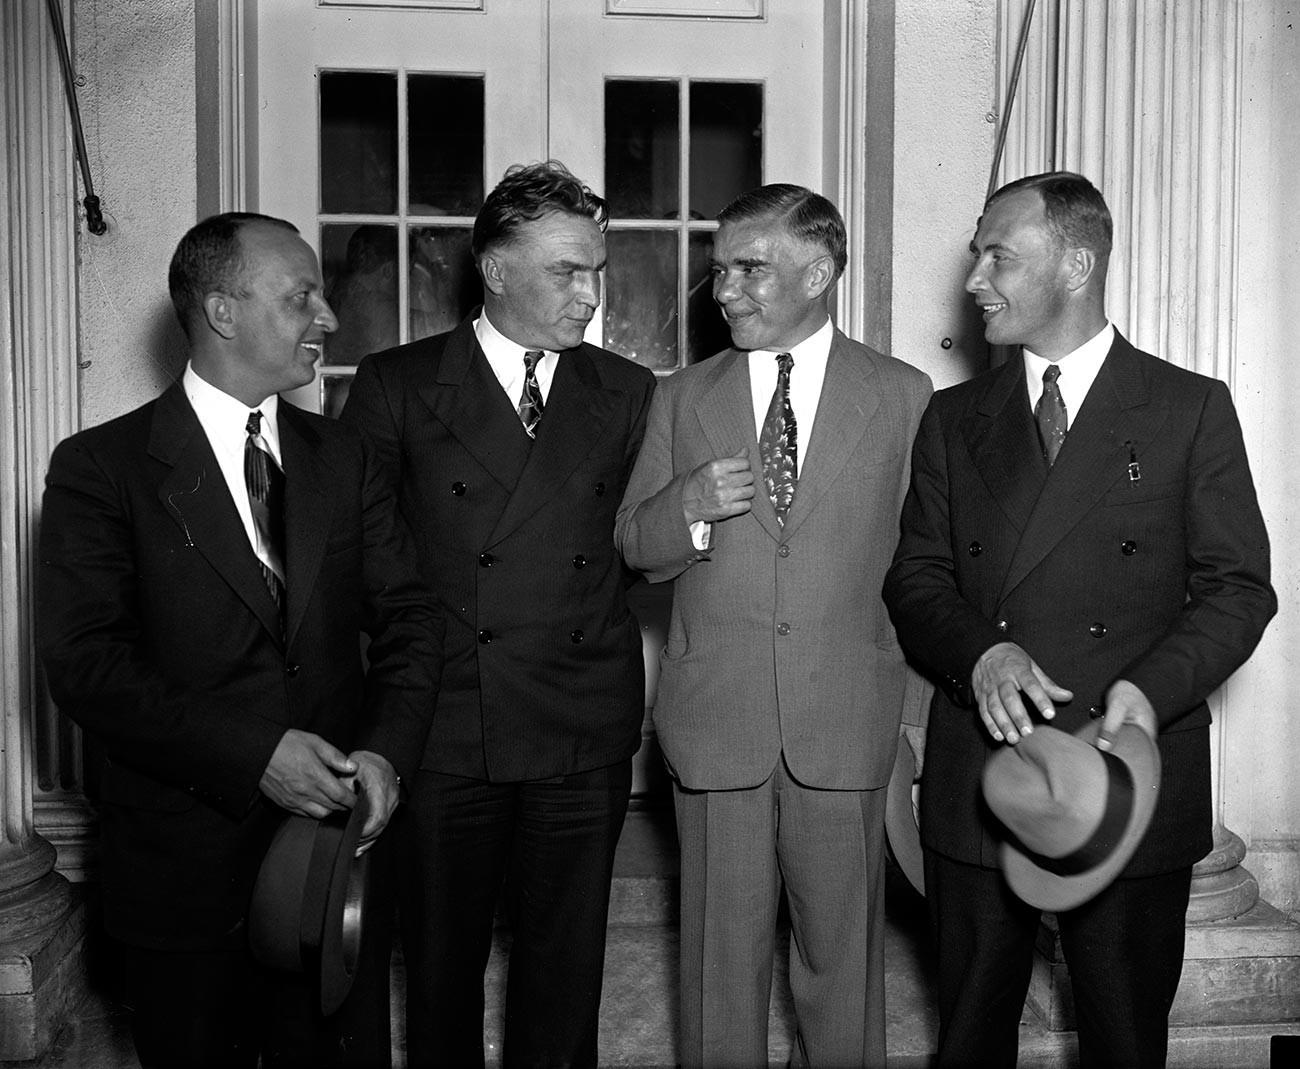 Los pilotos soviéticos después de la reunión con el presidente estadounidense en la Casa Blanca.